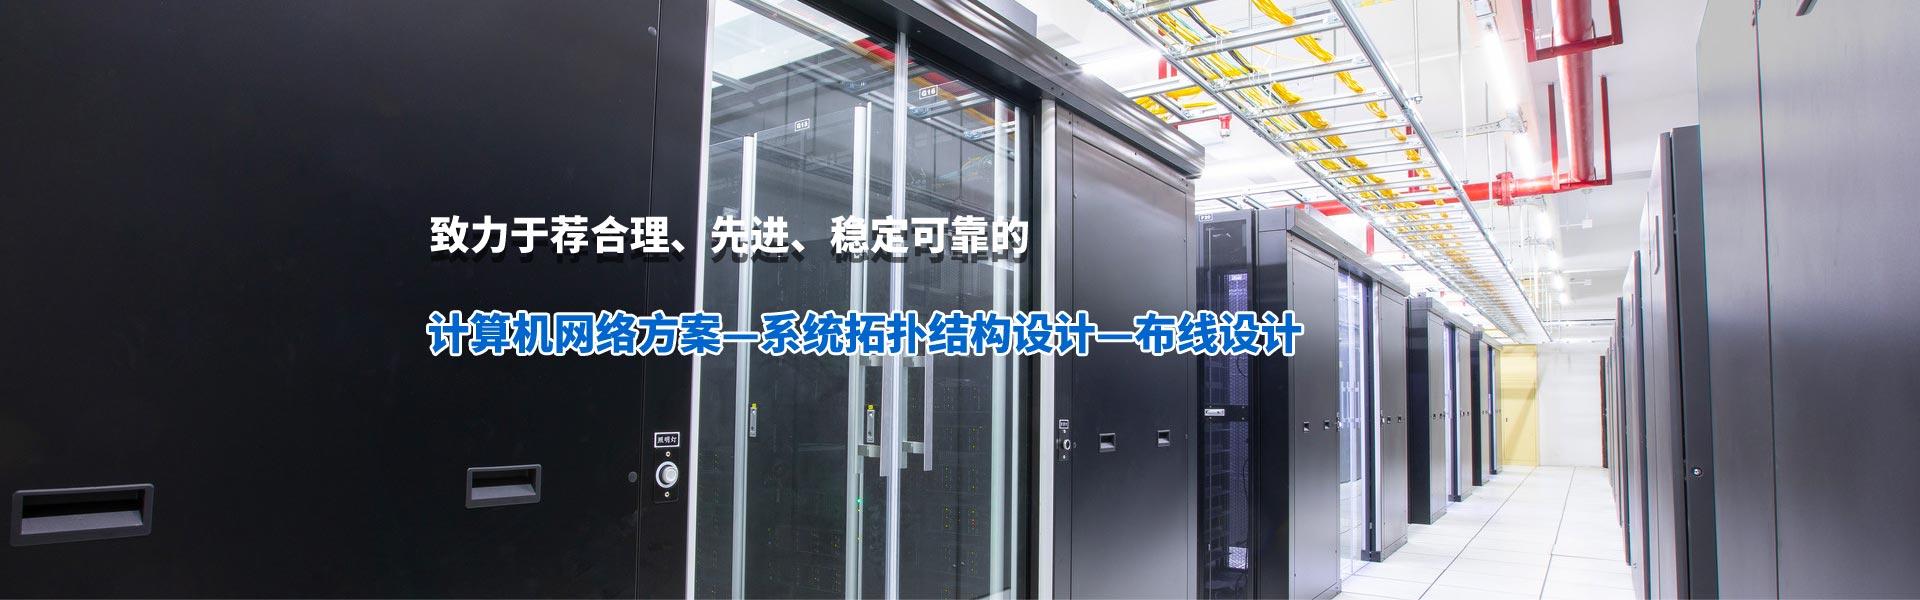 惠州闭路监控系统